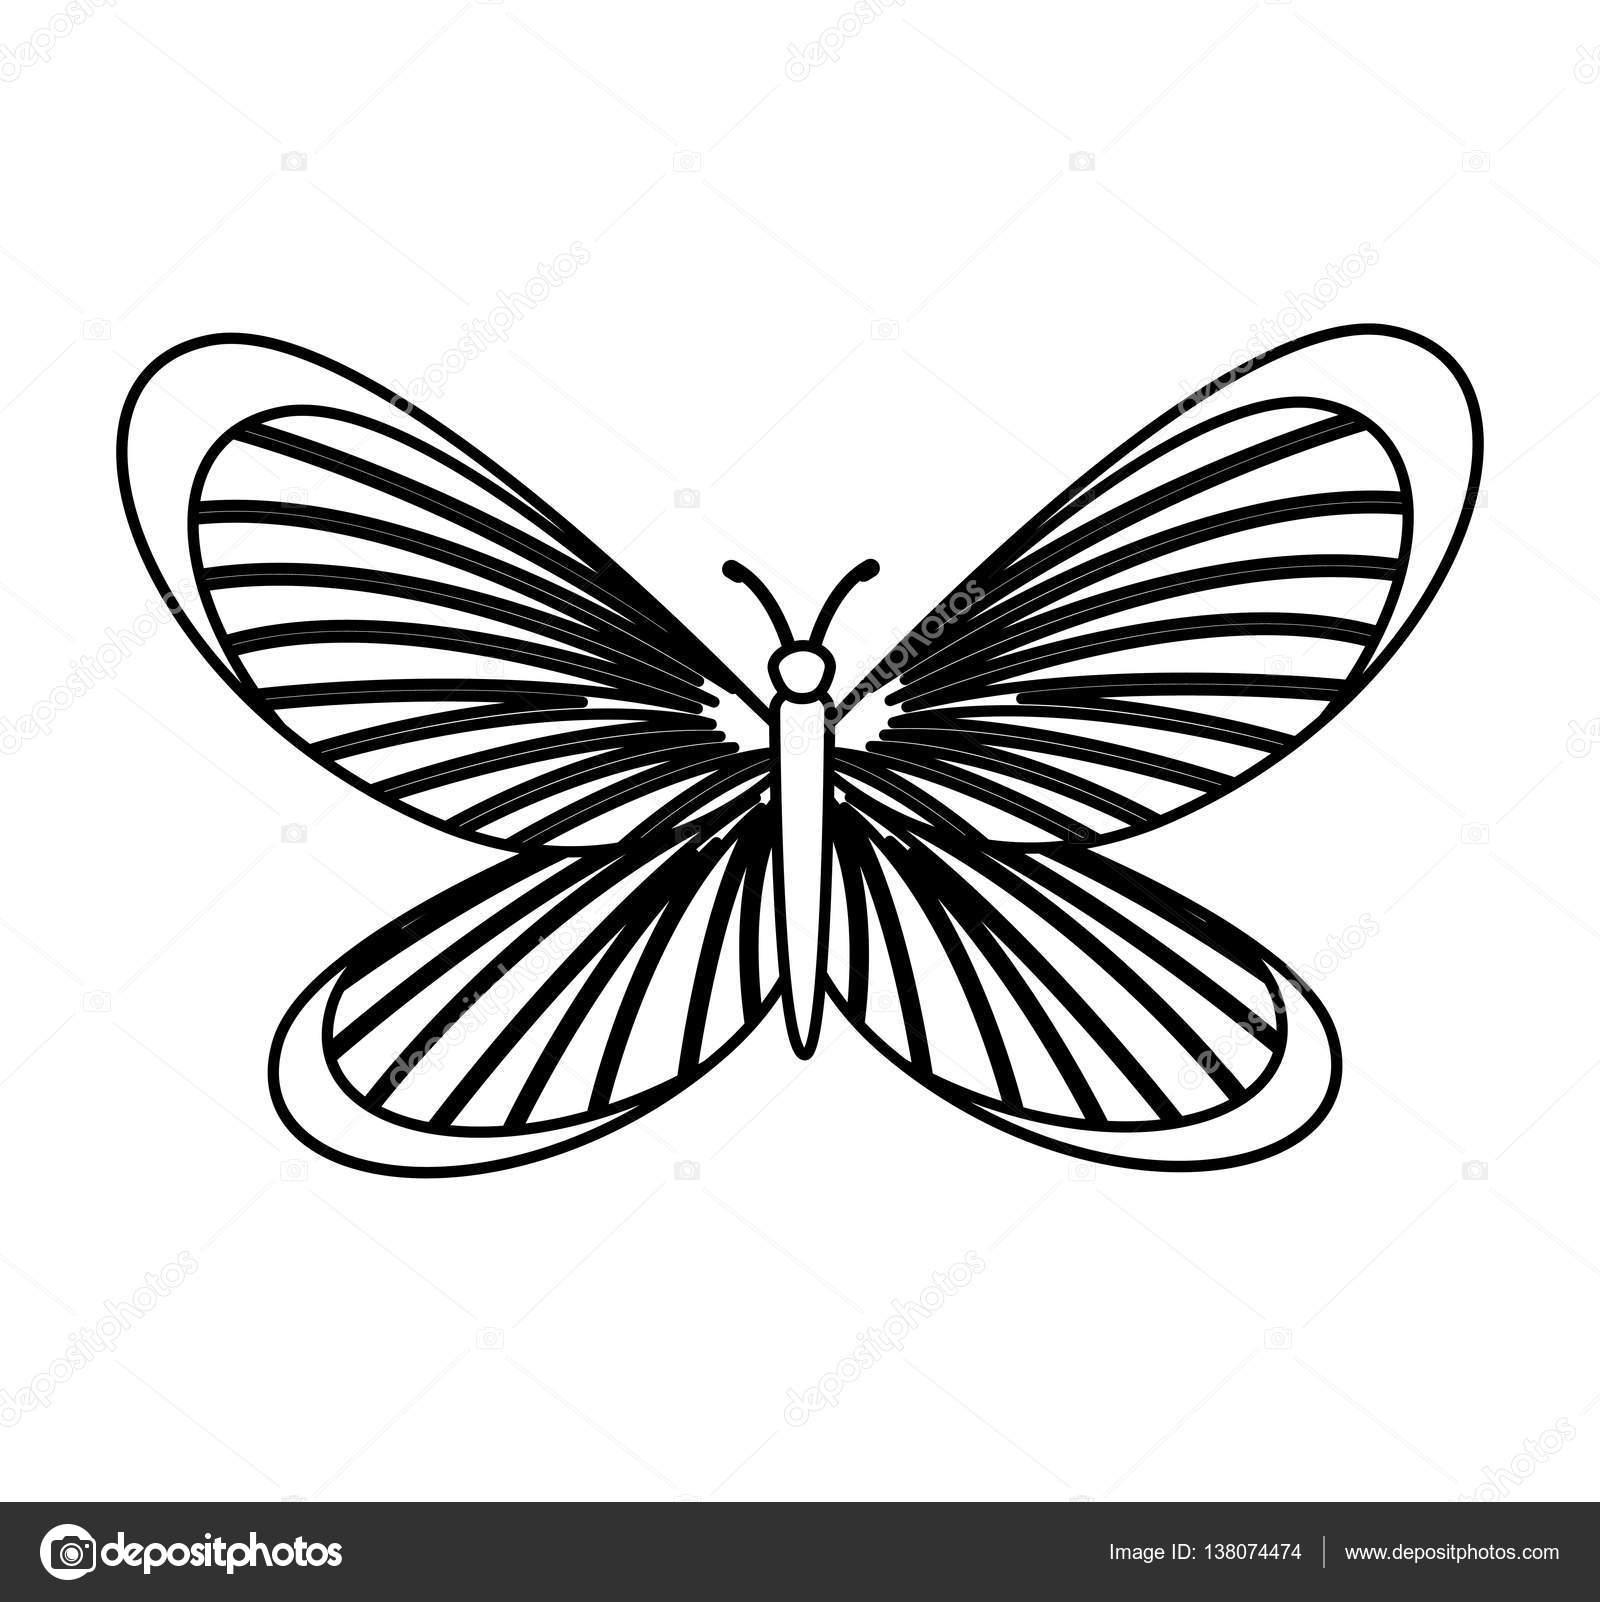 Ausgezeichnet Schmetterling Körper Vorlage Bilder - Entry Level ...